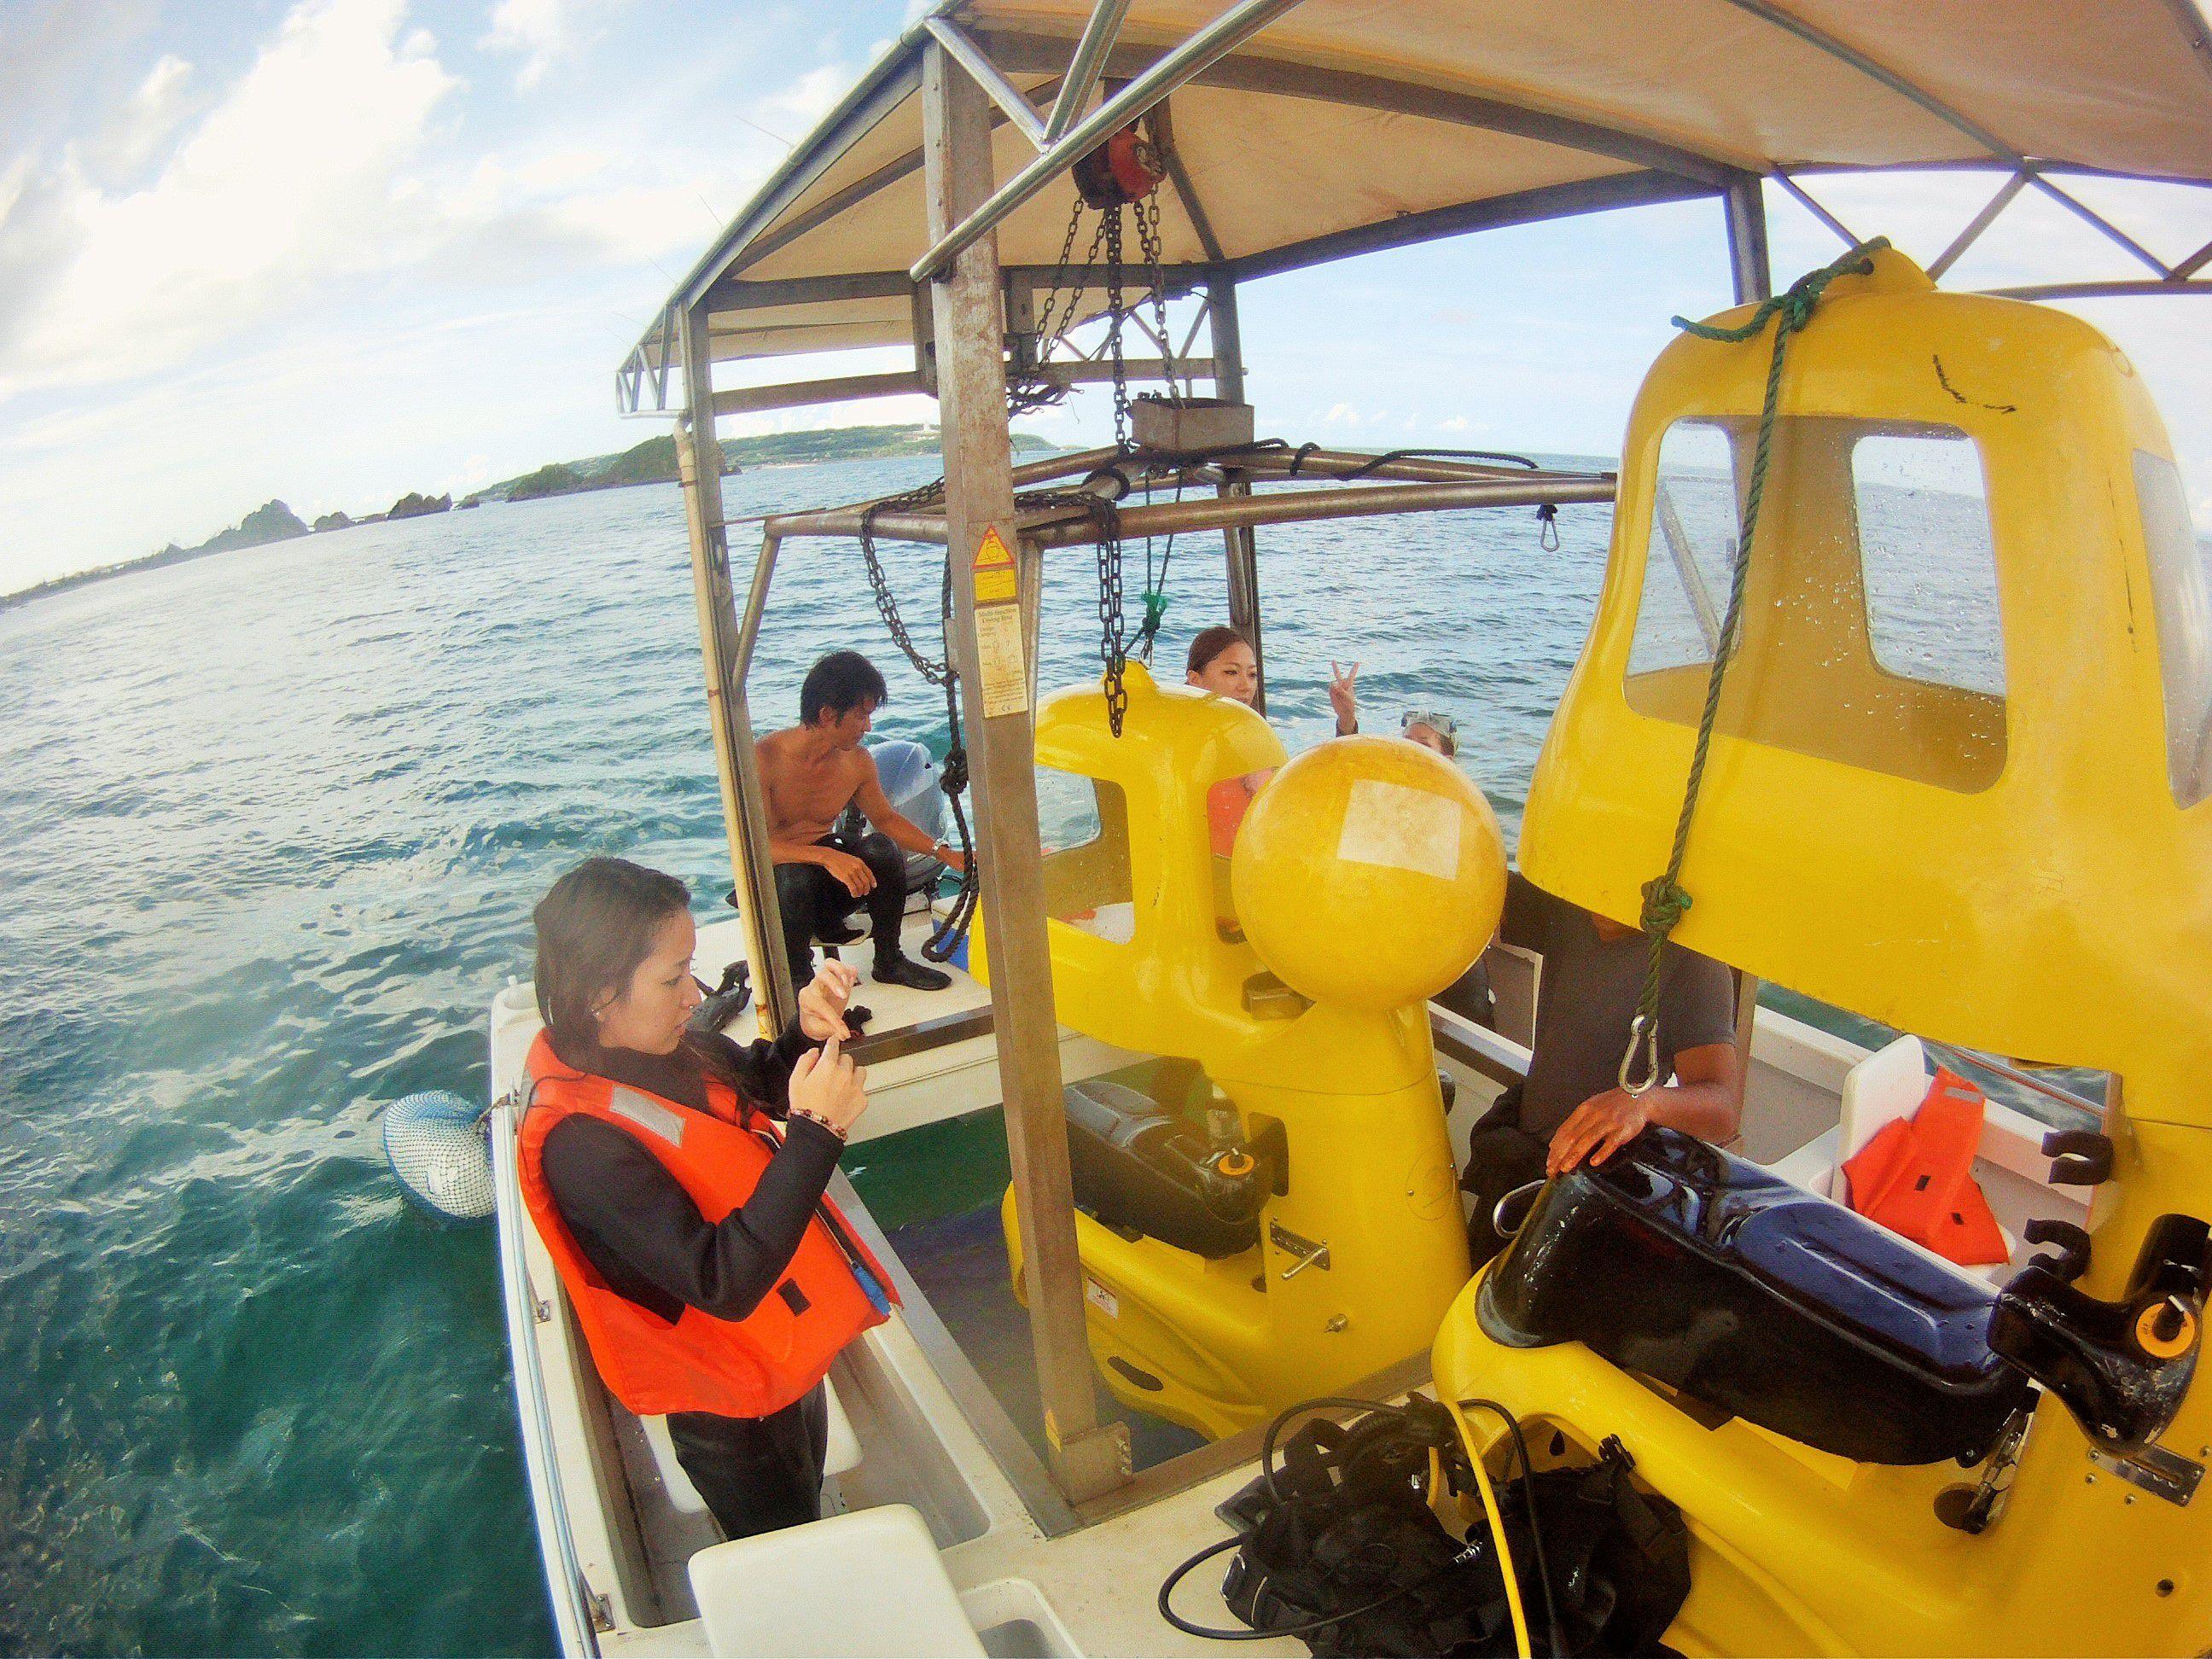 【沖縄】そんなバカな!? 特殊ヘルメットを被って「水中スクーター」で海中ドライブ!?